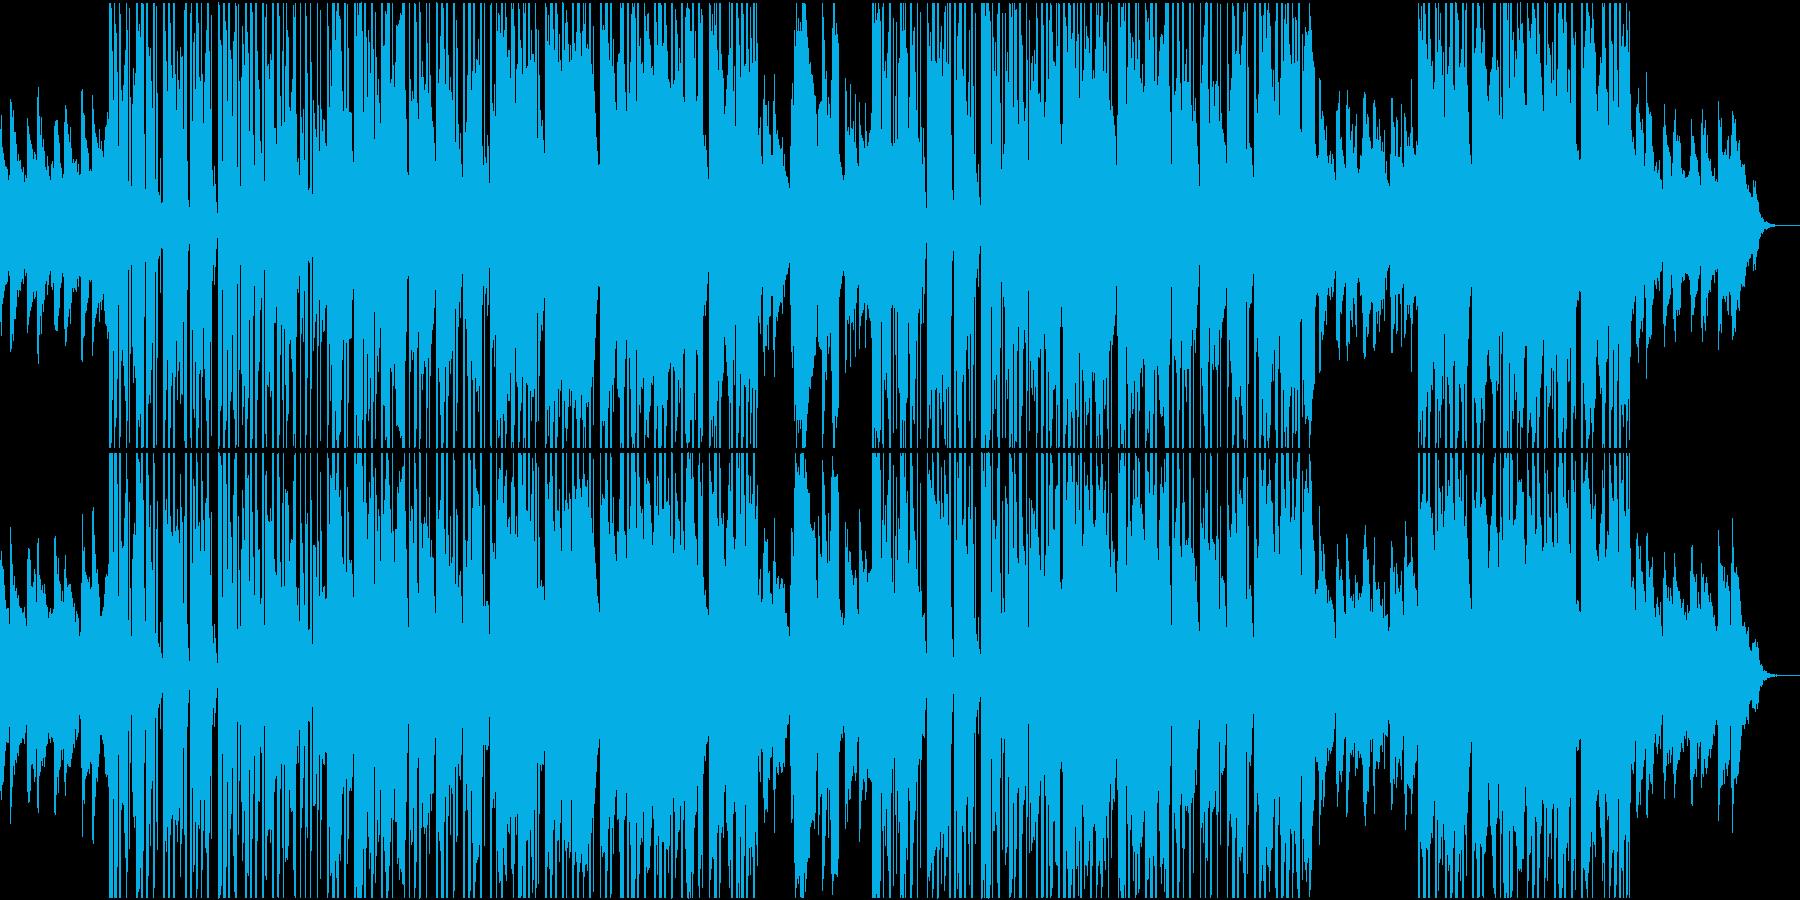 優しく暖かく心に響く歌声・洋楽Popsの再生済みの波形